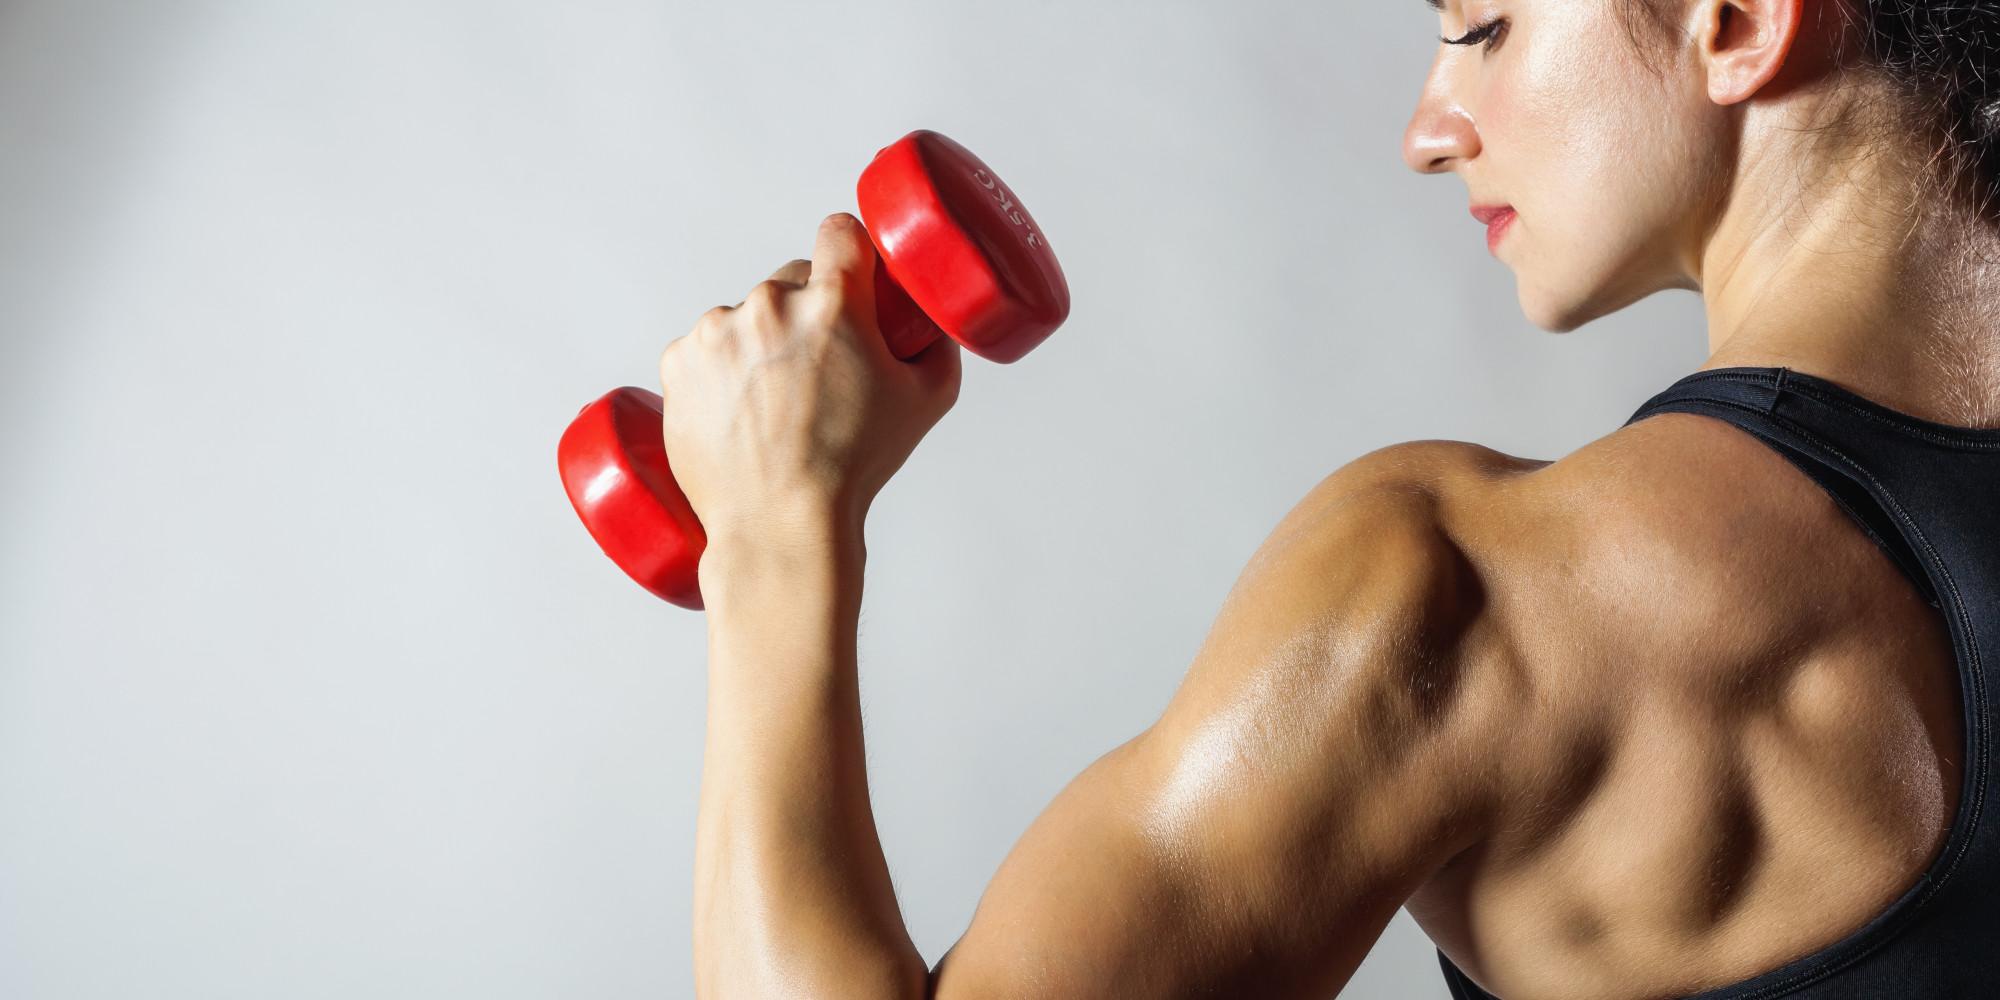 imagesMuscler-biceps-rapidement-12.jpg